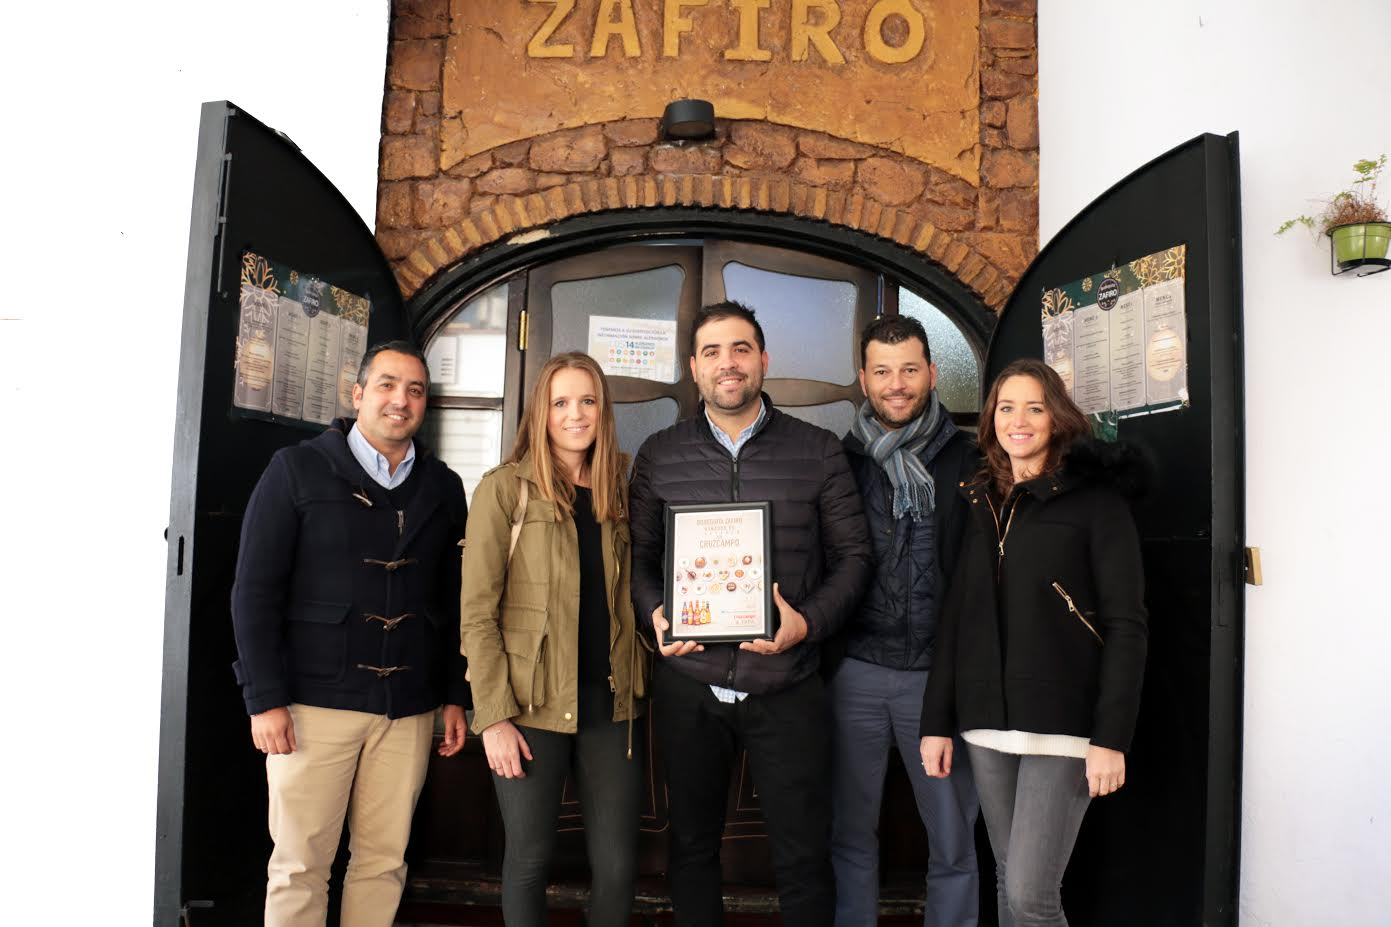 La Bodeguita Zafiro ha sido la ganadora de la Ruta Gastronómica de la Tapa celebrada durante la semana del Festival de Cine de Huelva